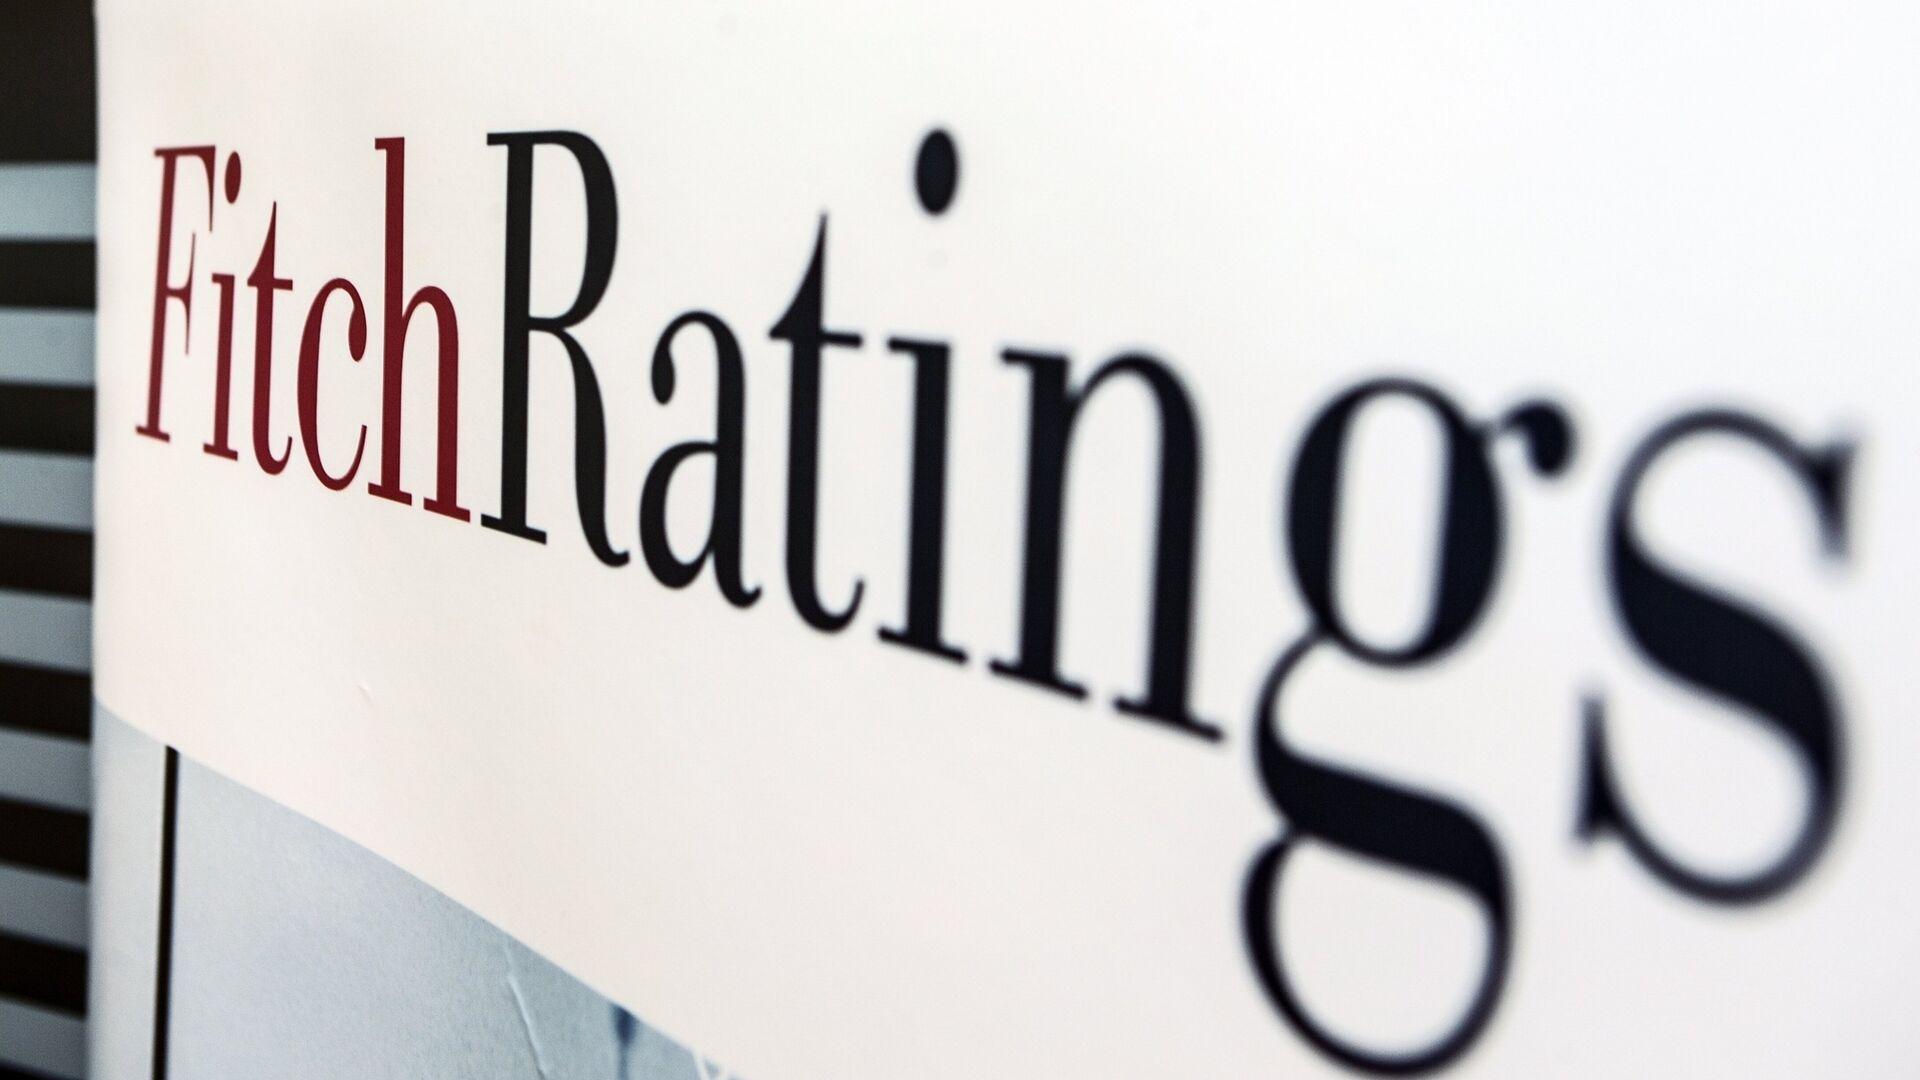 Logo de la agencia calificadora Fitch Ratings - Sputnik Mundo, 1920, 08.06.2021